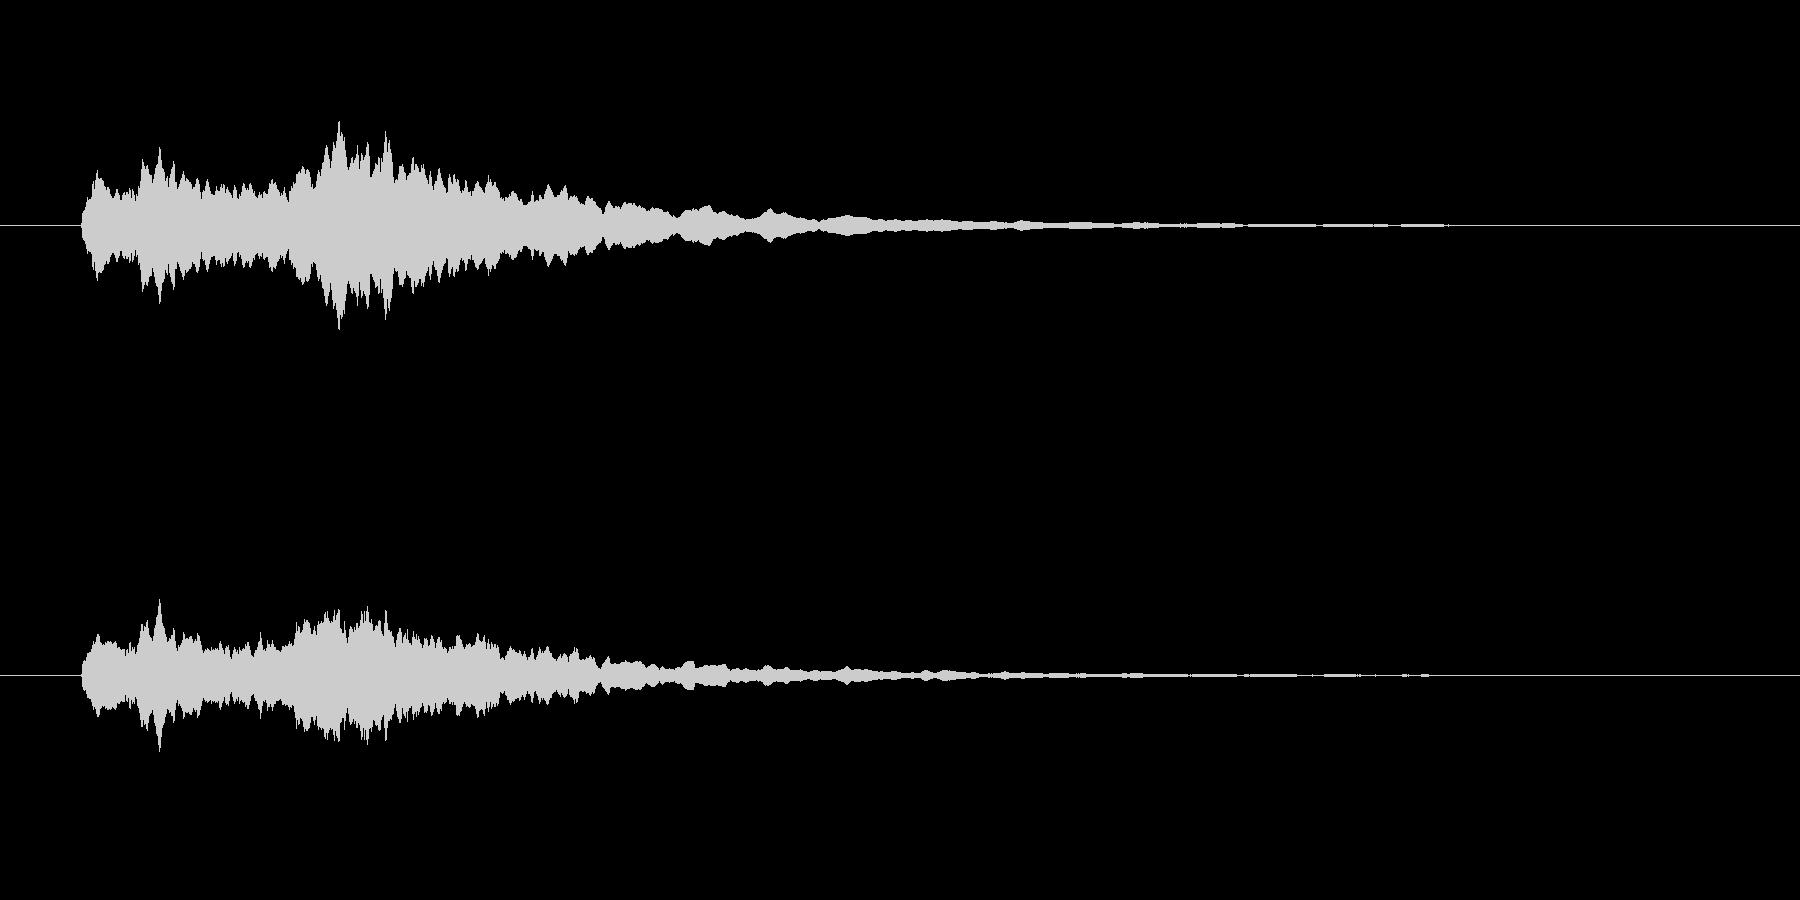 フンファン(シンプル、短い)の未再生の波形